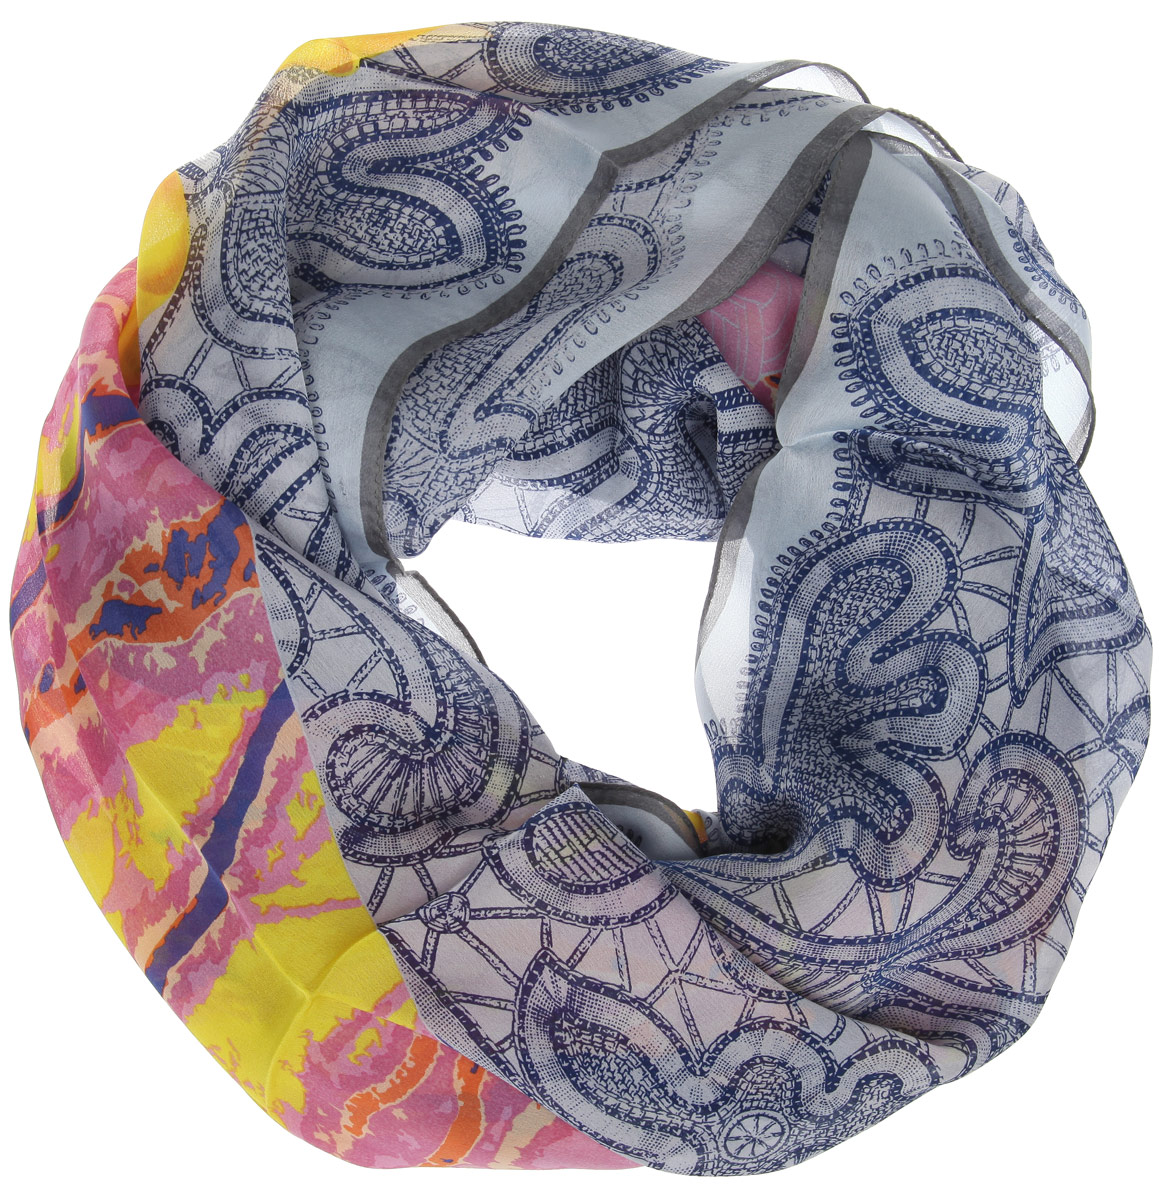 Платок женский Moltini, цвет: серо-голубой, темно-синий, розовый. 216112-1I. Размер 120 см х 120 см216112-1IСтильный женский платок Moltini станет великолепным завершением любого наряда. Платок изготовлен из 100% шелка и оформлен оригинальным орнаментом. Классическая квадратная форма позволяет носить платок на шее, украшать им прическу или декорировать сумочку.Такой платок превосходно дополнит любой наряд и подчеркнет ваш неповторимый вкус и элегантность.